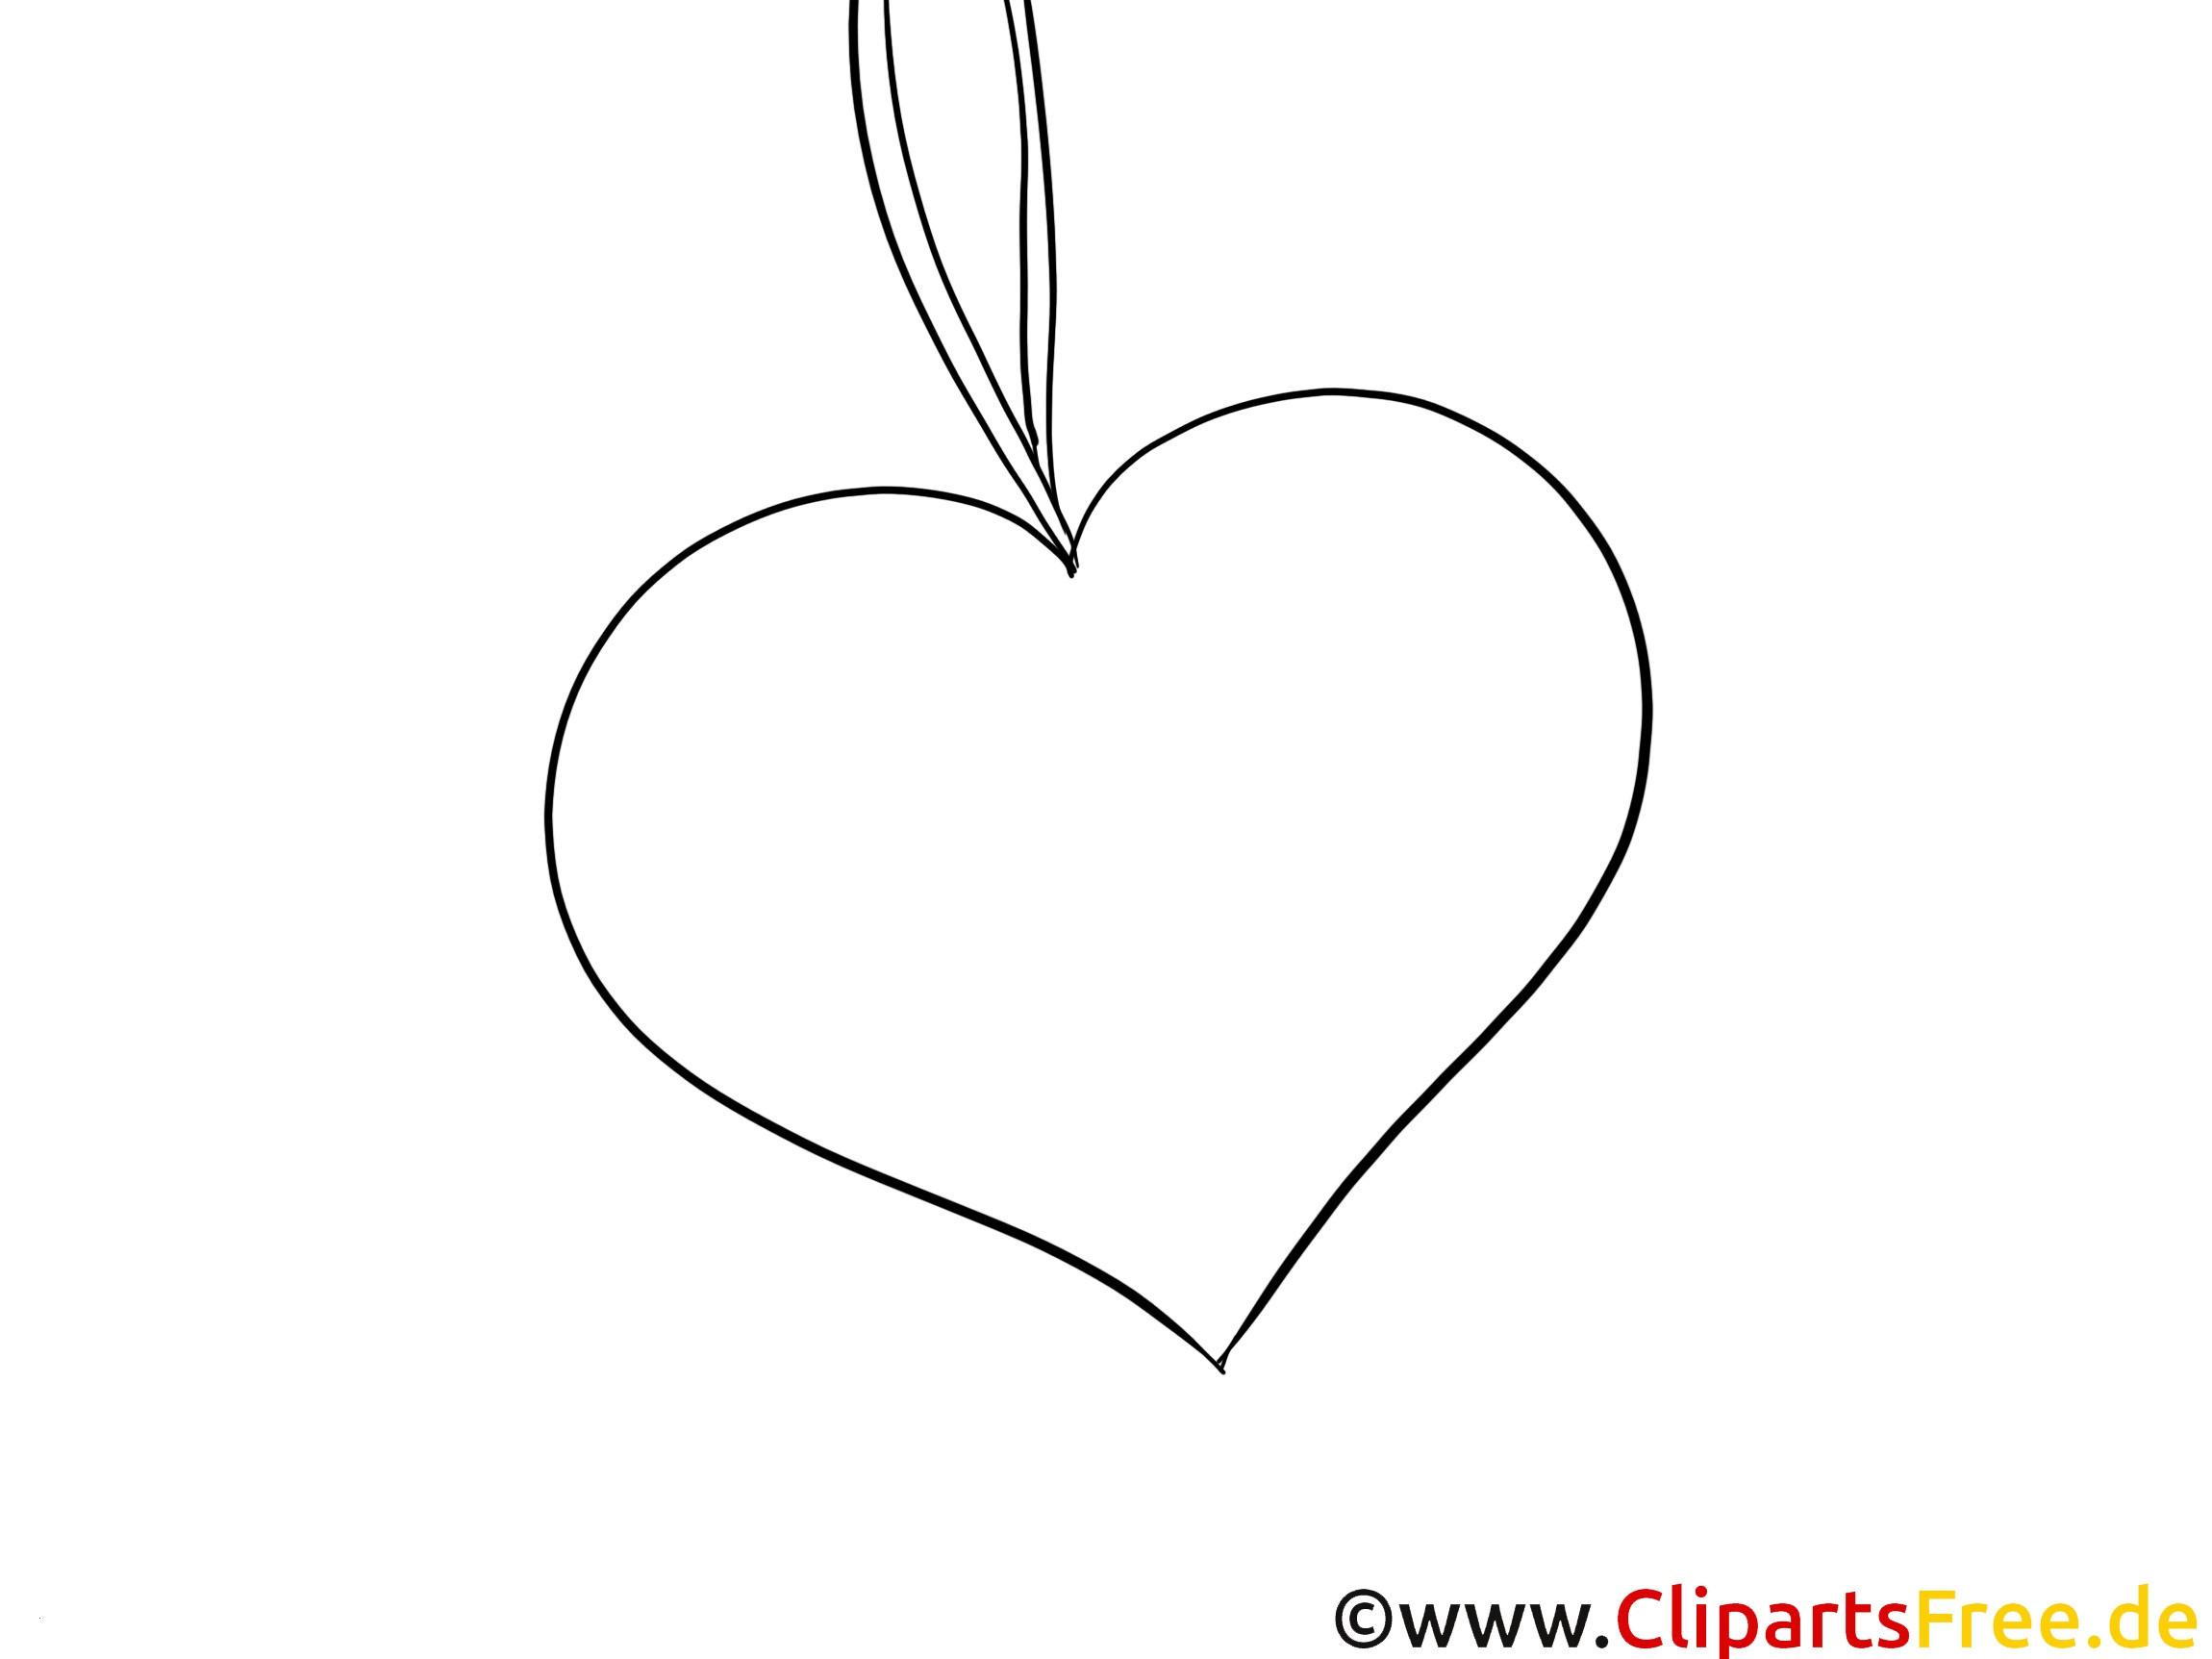 Die Kleine Raupe Nimmersatt Ausmalbild Einzigartig Herz Malvorlagen Frisch Herzen Zum Ausmalen – Malvorlagen Galerie Fotografieren